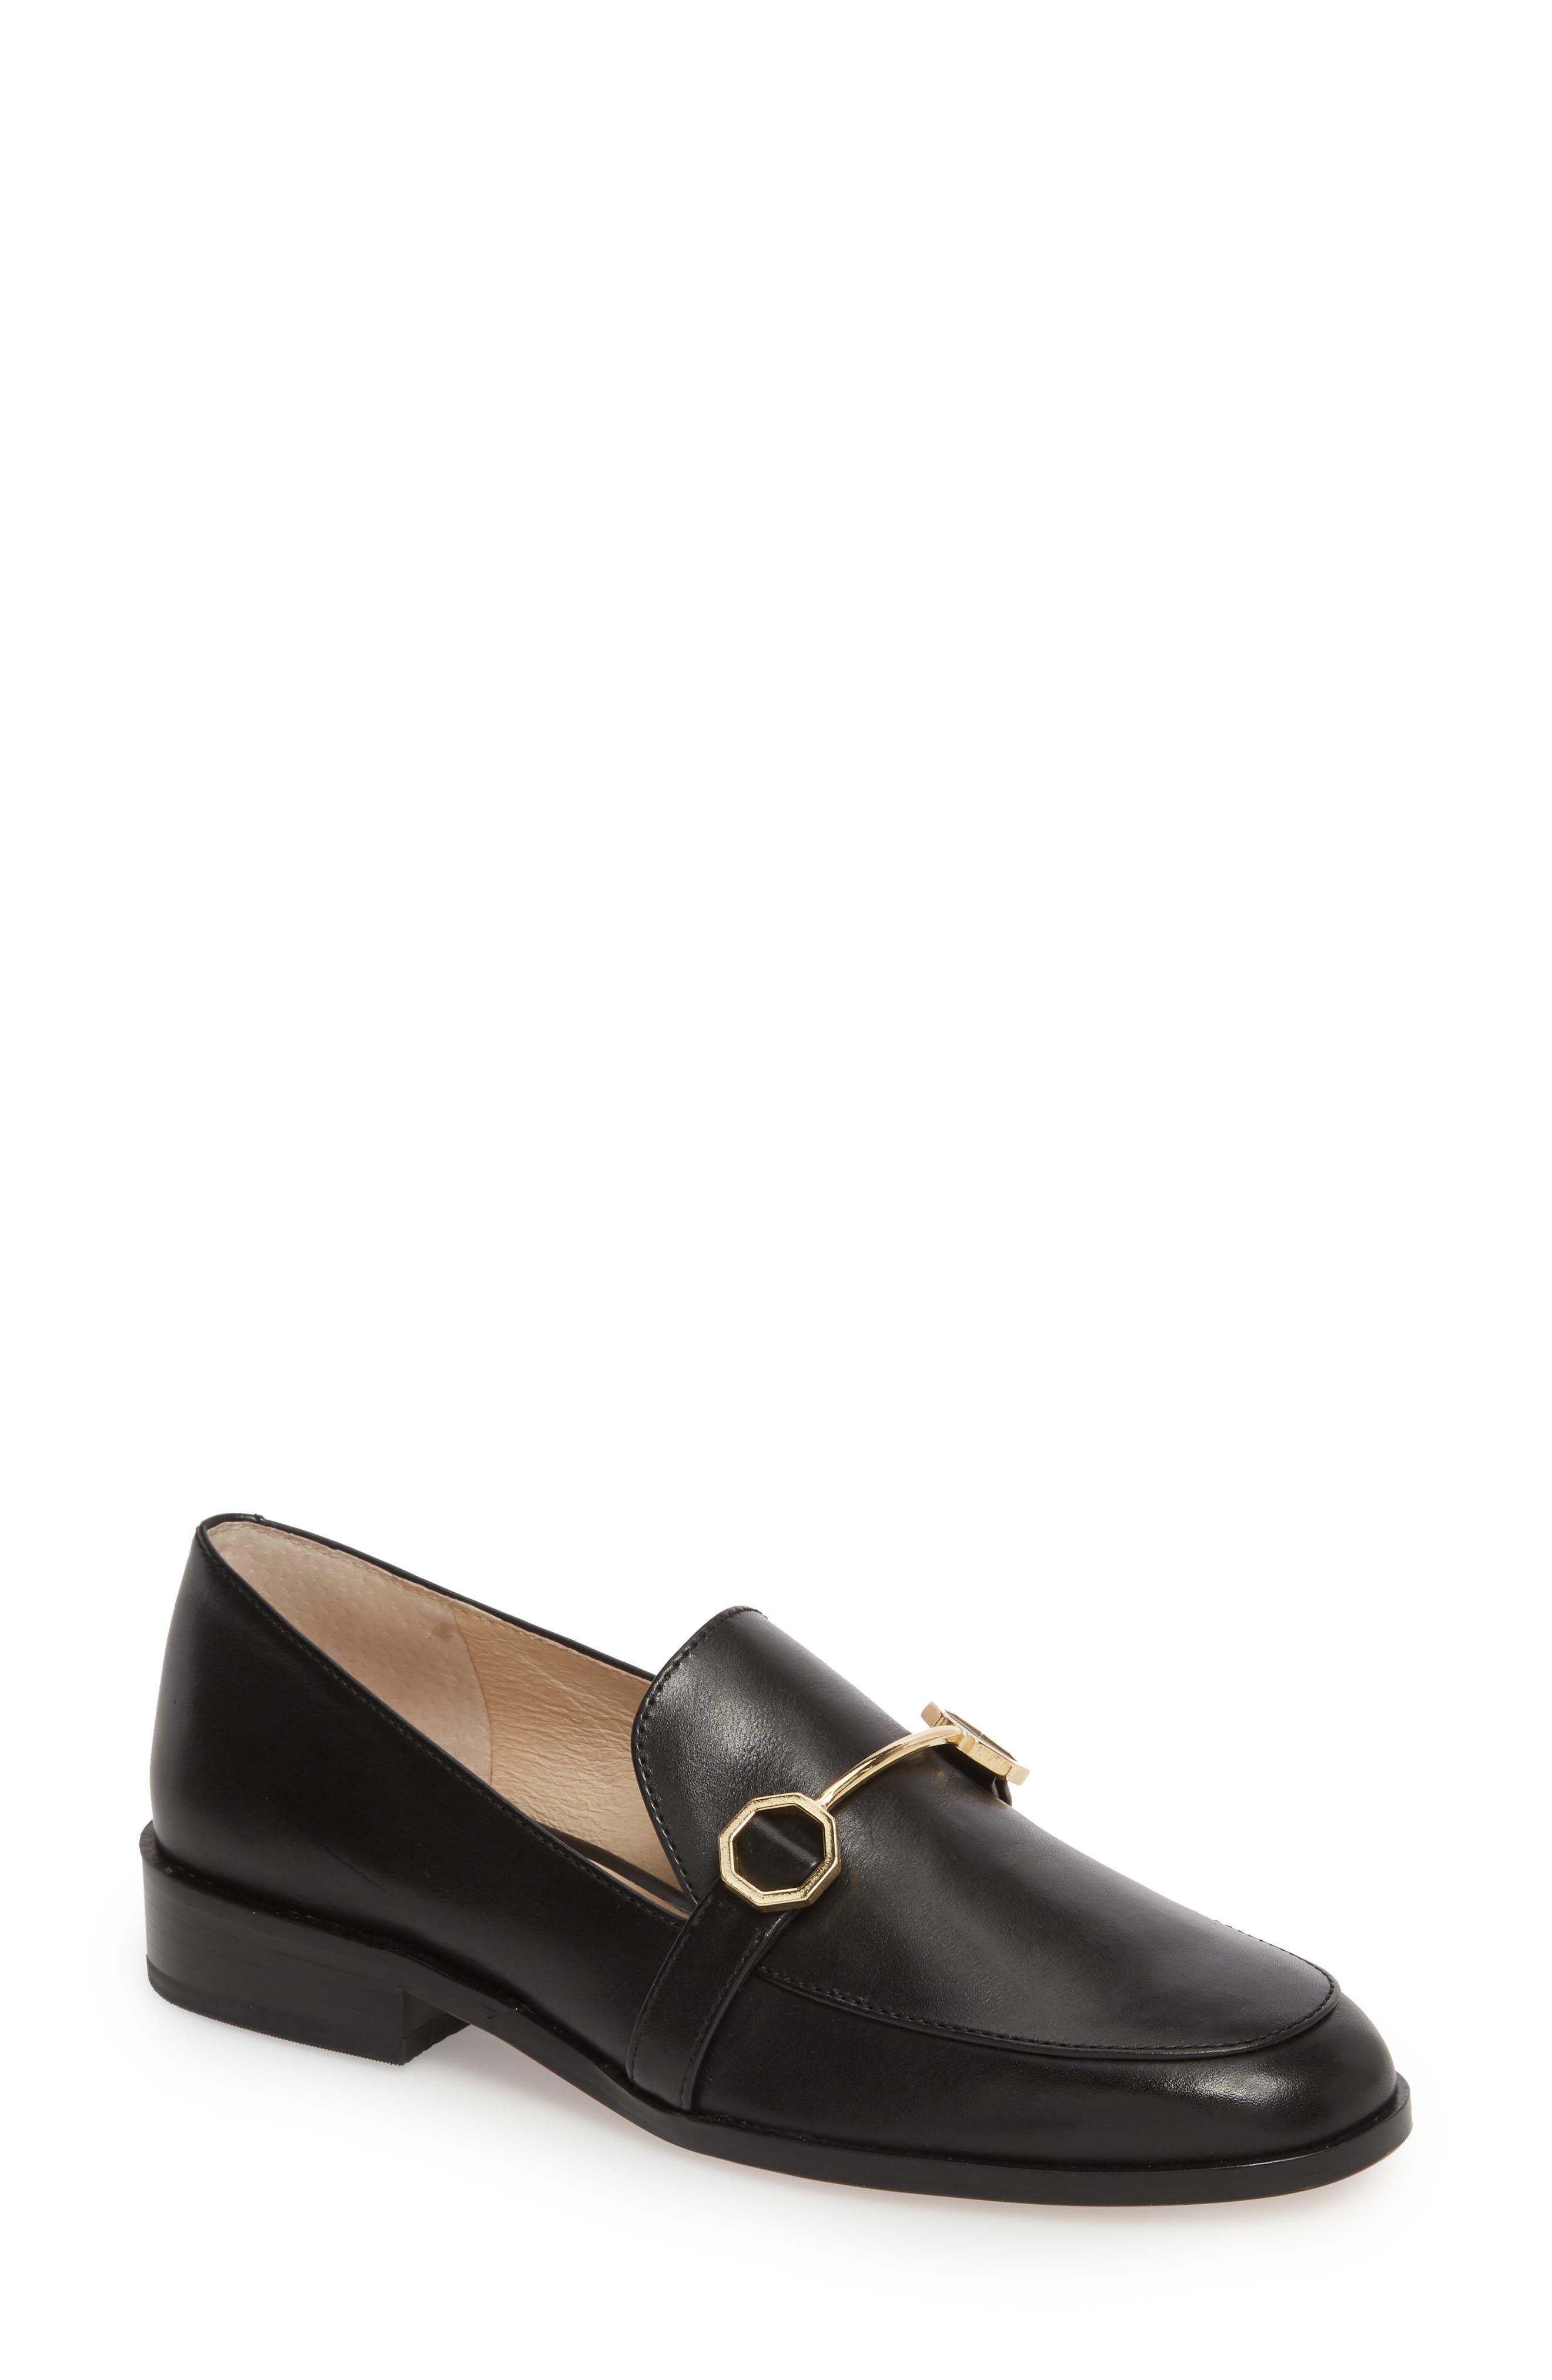 Bayne Loafer,                         Main,                         color, Black Leather